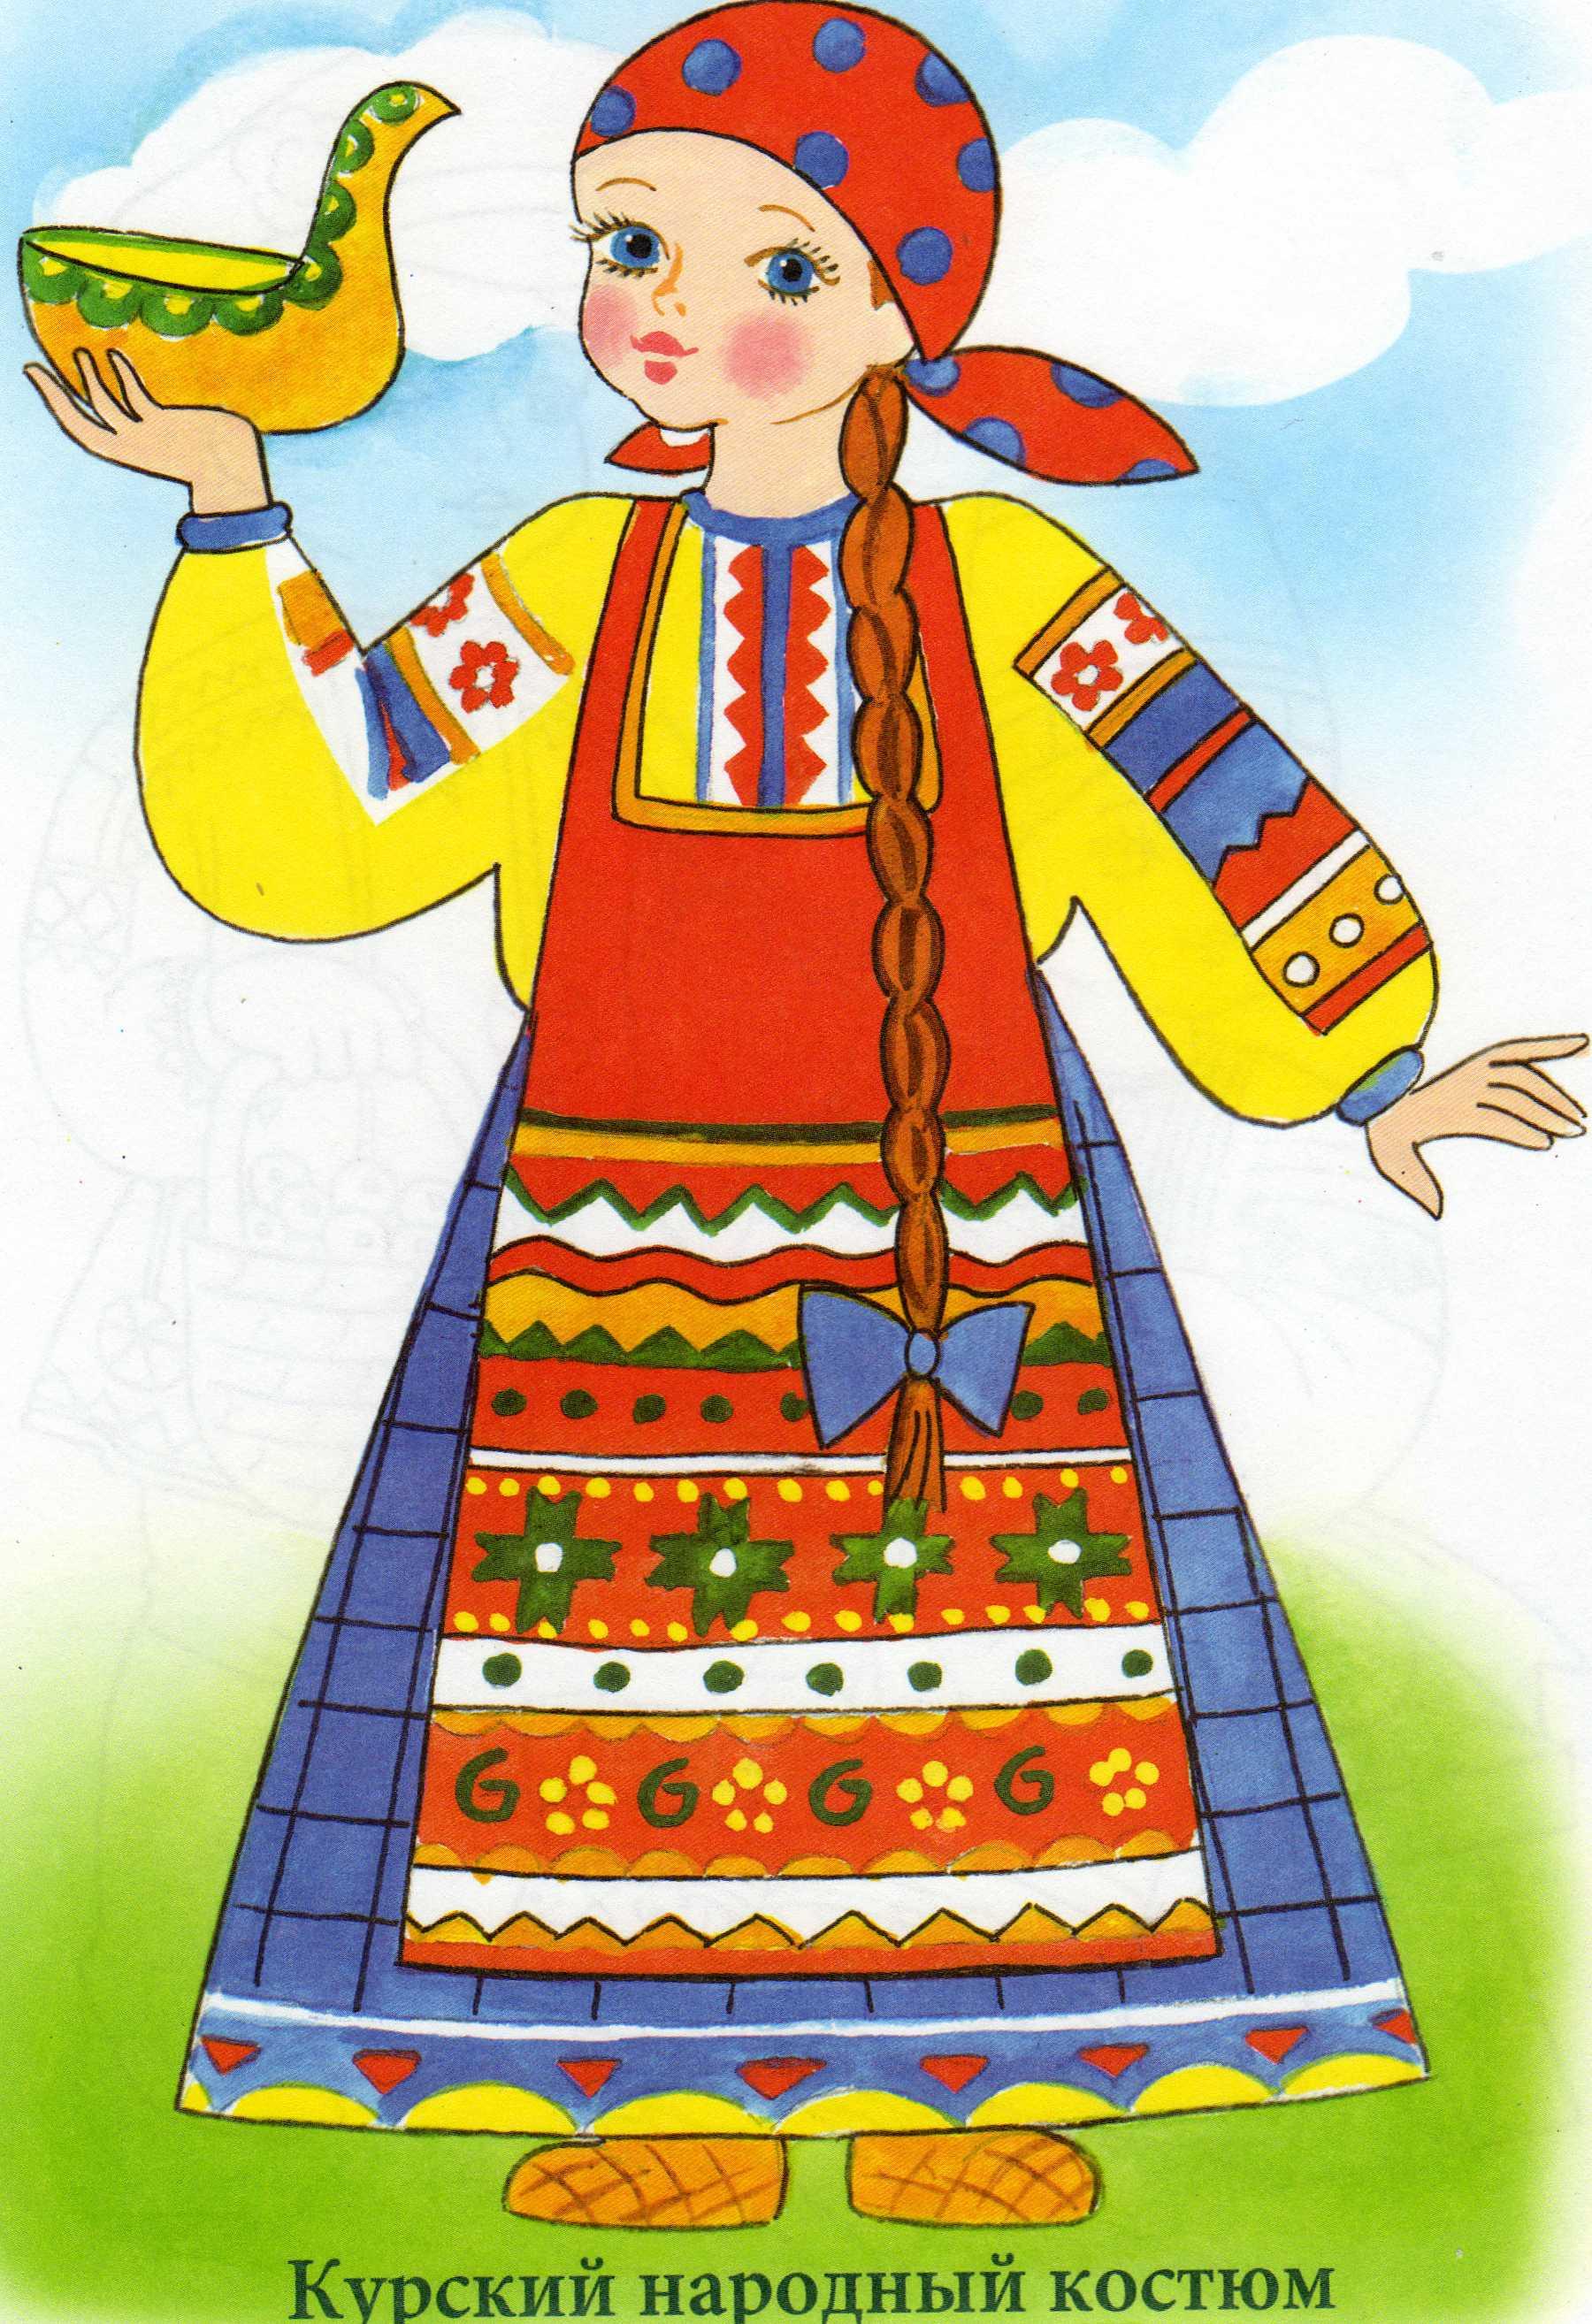 Картинки детей в народных костюмах нарисованные